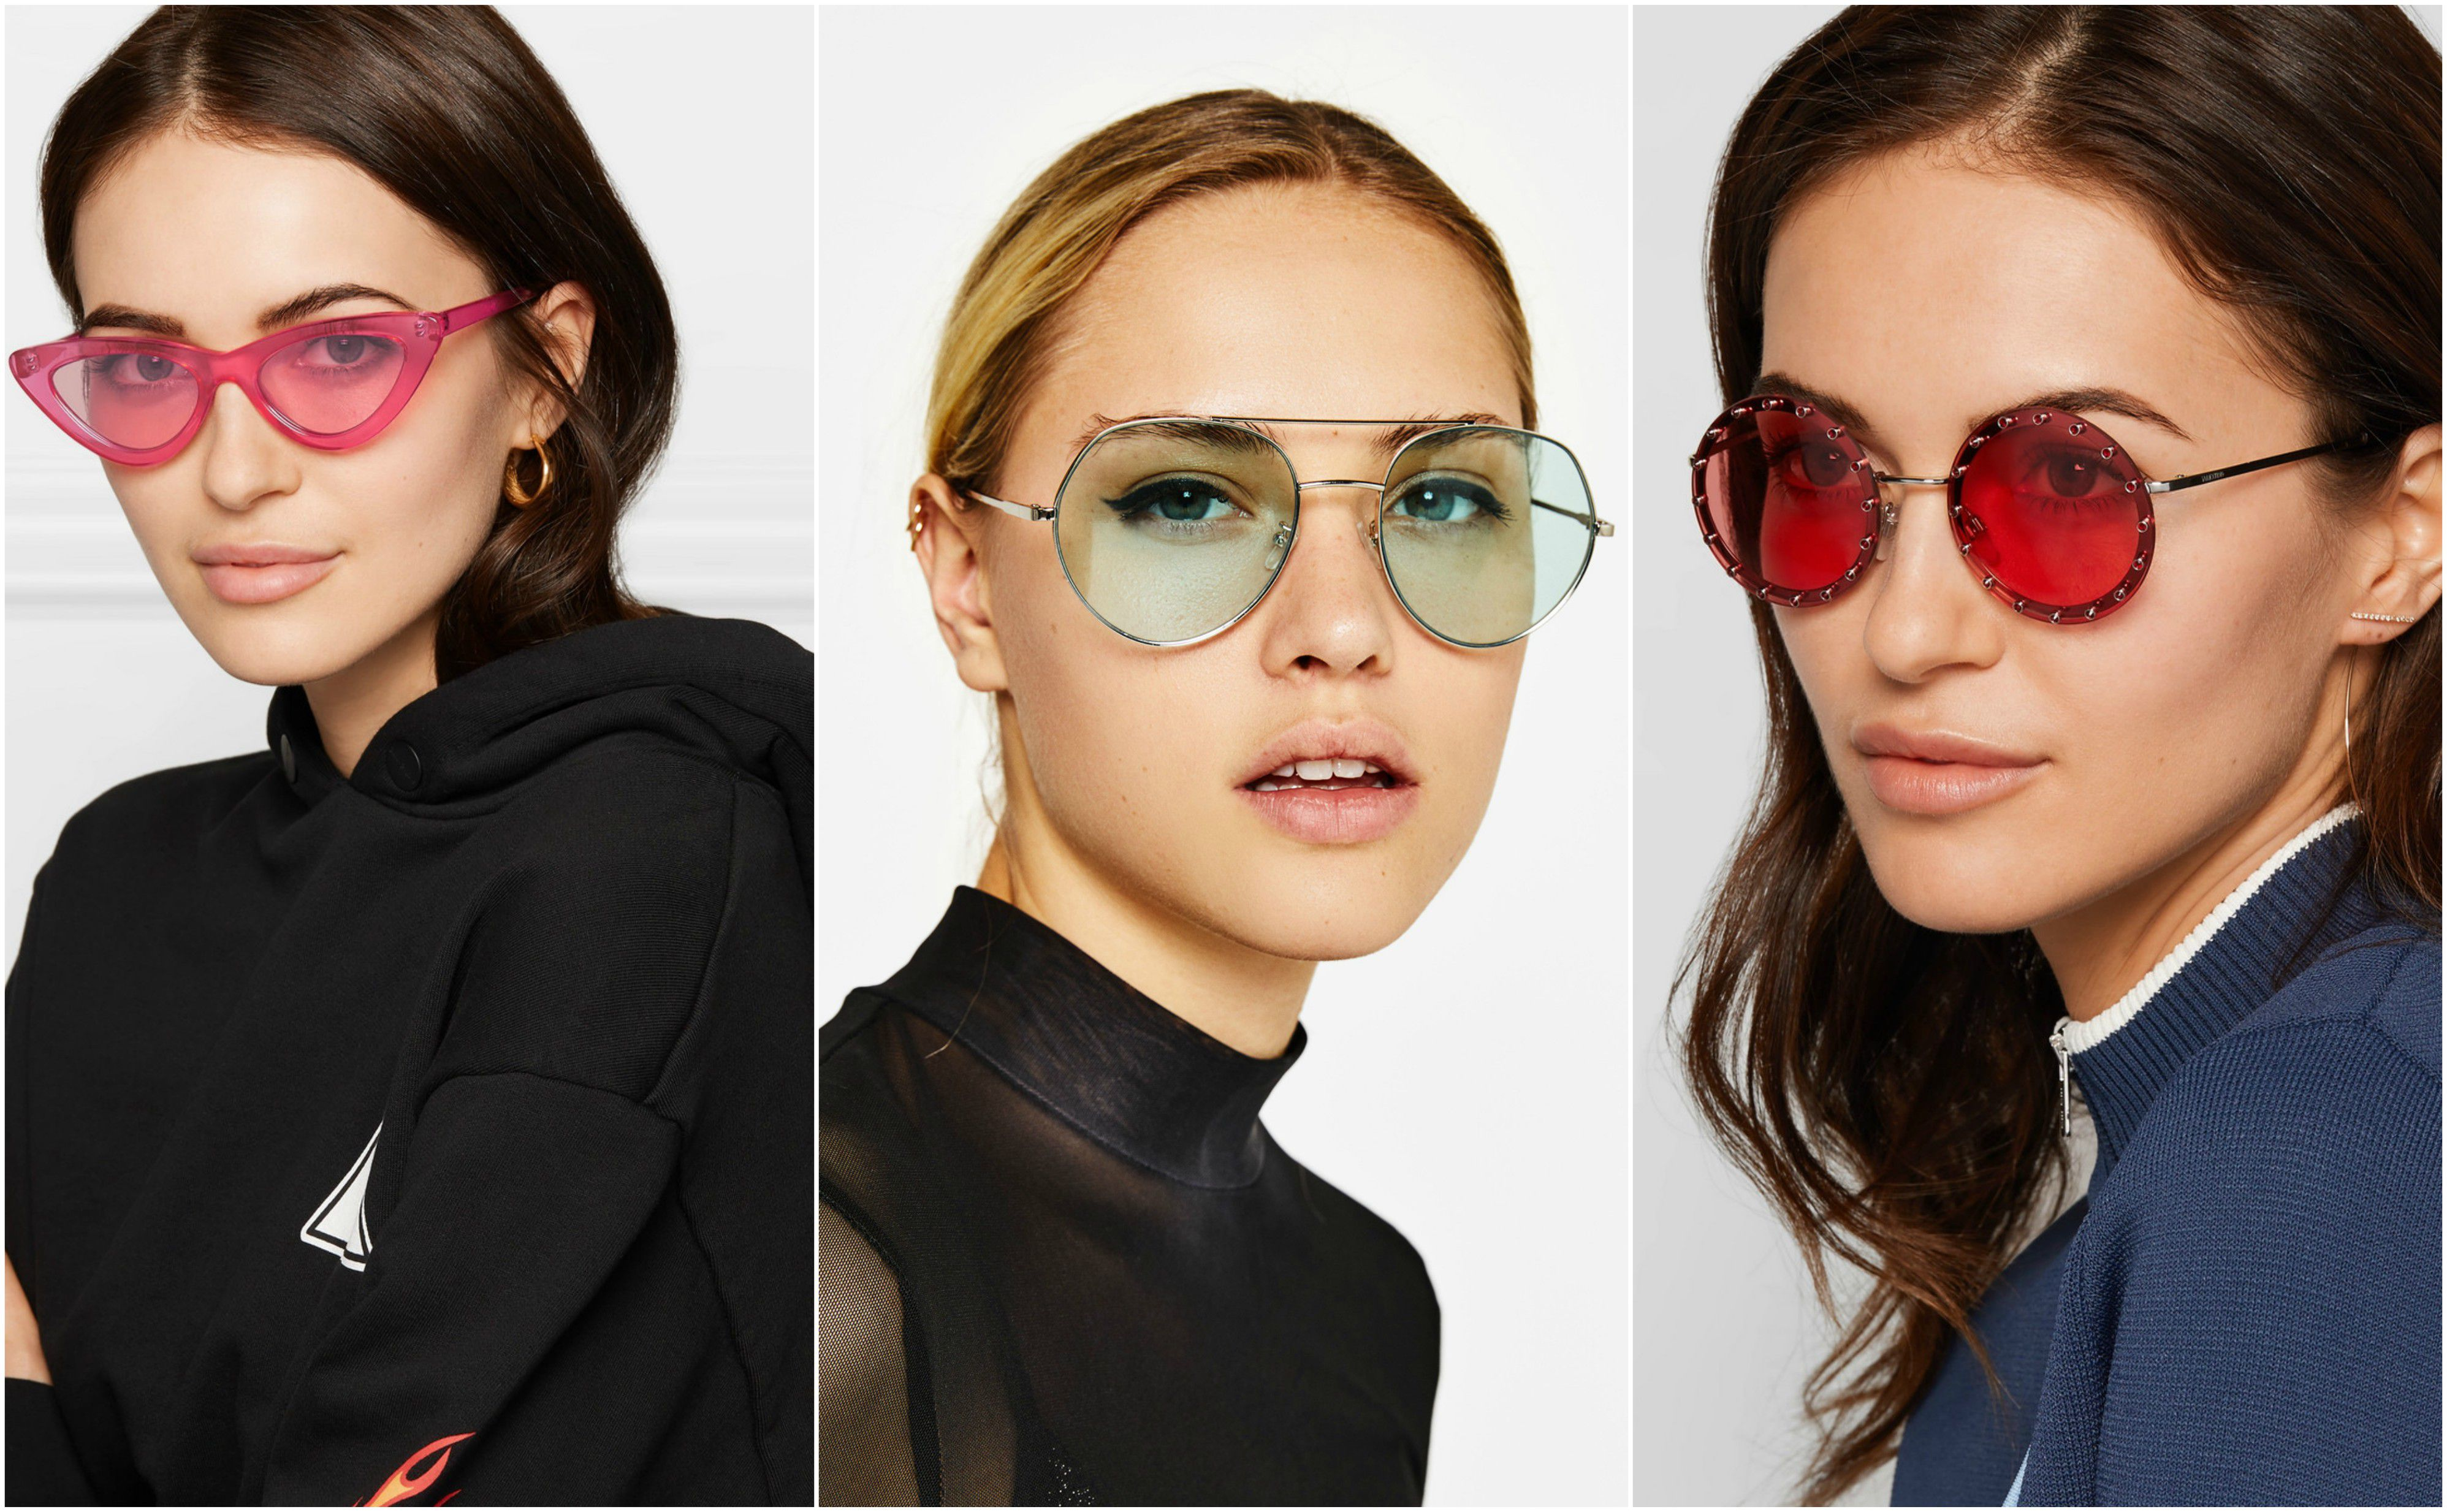 Za ovu sezonu važno je da naočale imaju prozirna stakla u boji